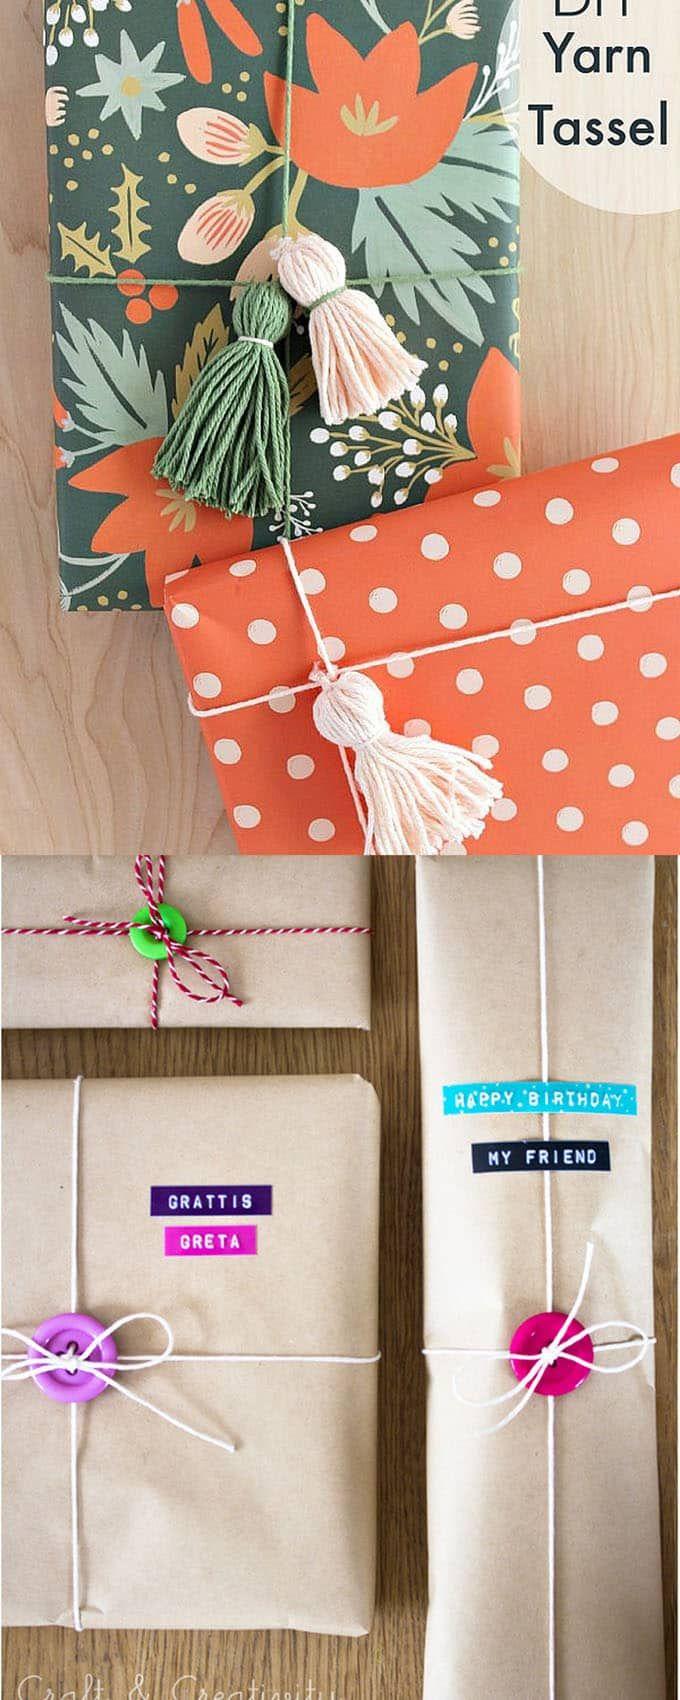 986 besten geschenke verpacken bilder auf pinterest geschenke verpacken diy geschenke und. Black Bedroom Furniture Sets. Home Design Ideas